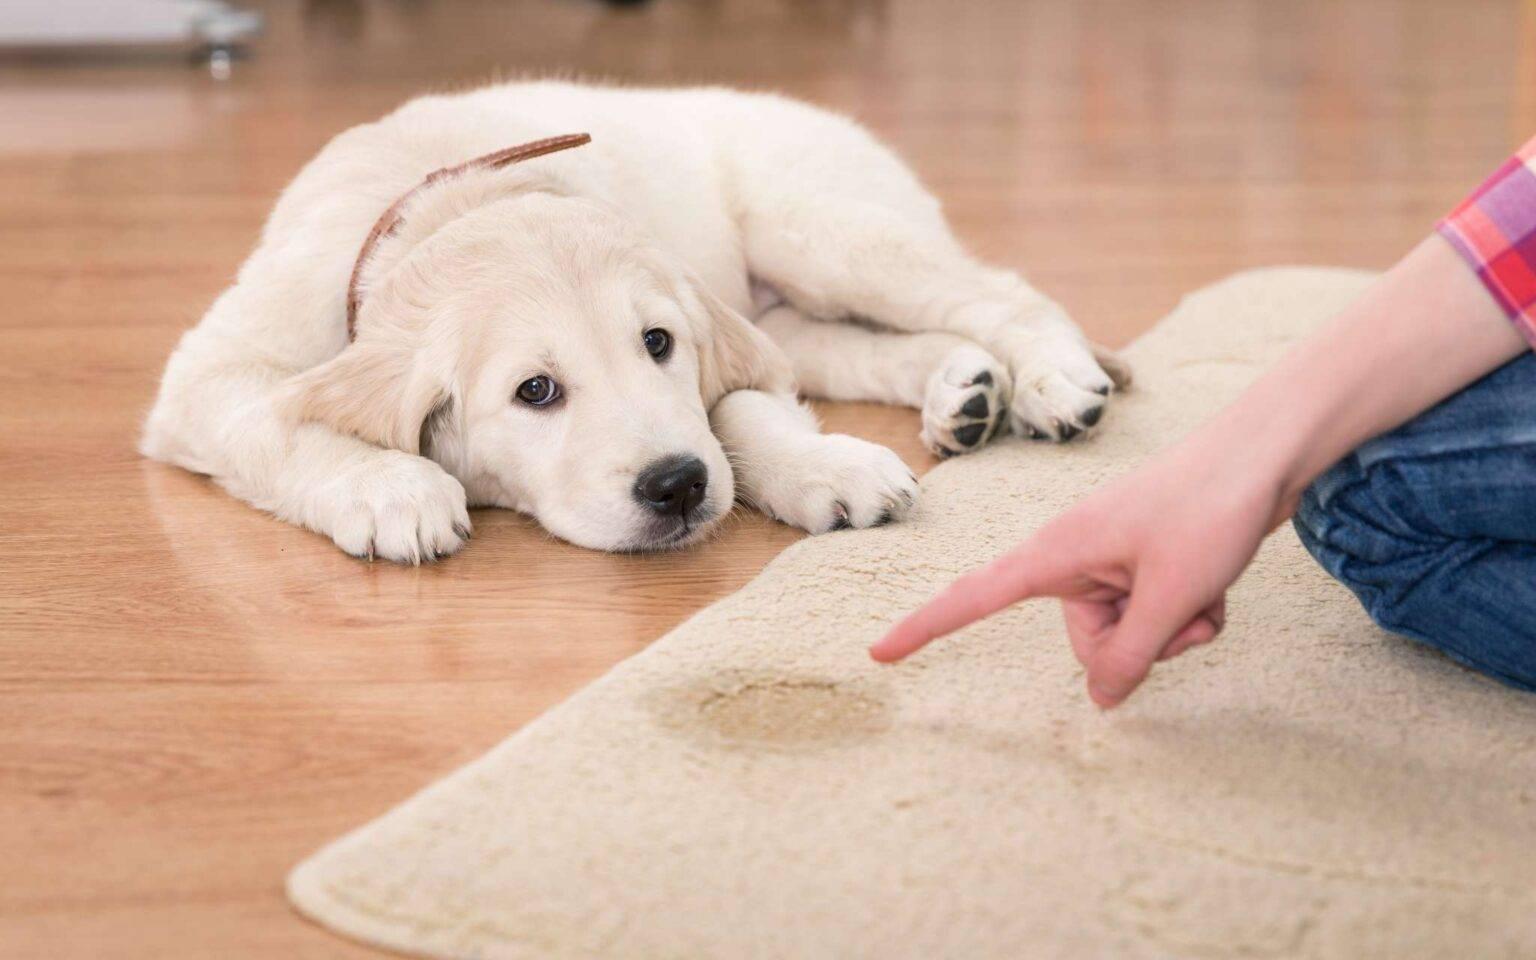 Как избавиться от запаха собаки в квартире: топ 20 лучших средств и способы